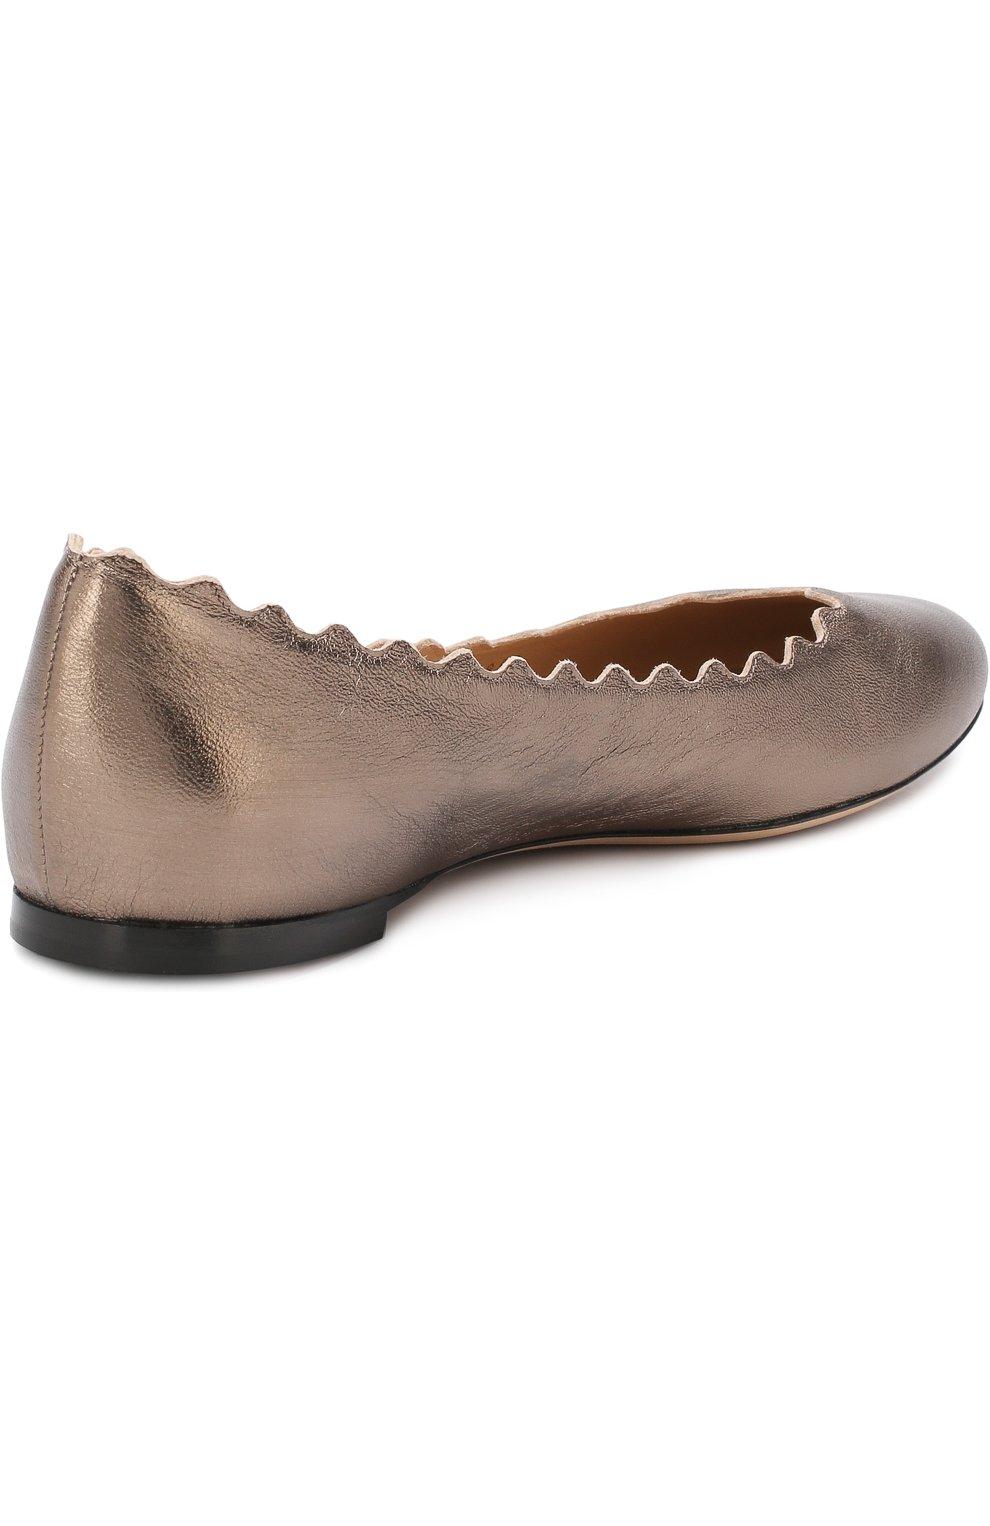 Женские балетки lauren из металлизированной кожи  CHLOÉ серебряного цвета, арт. CHC16U16070 | Фото 4